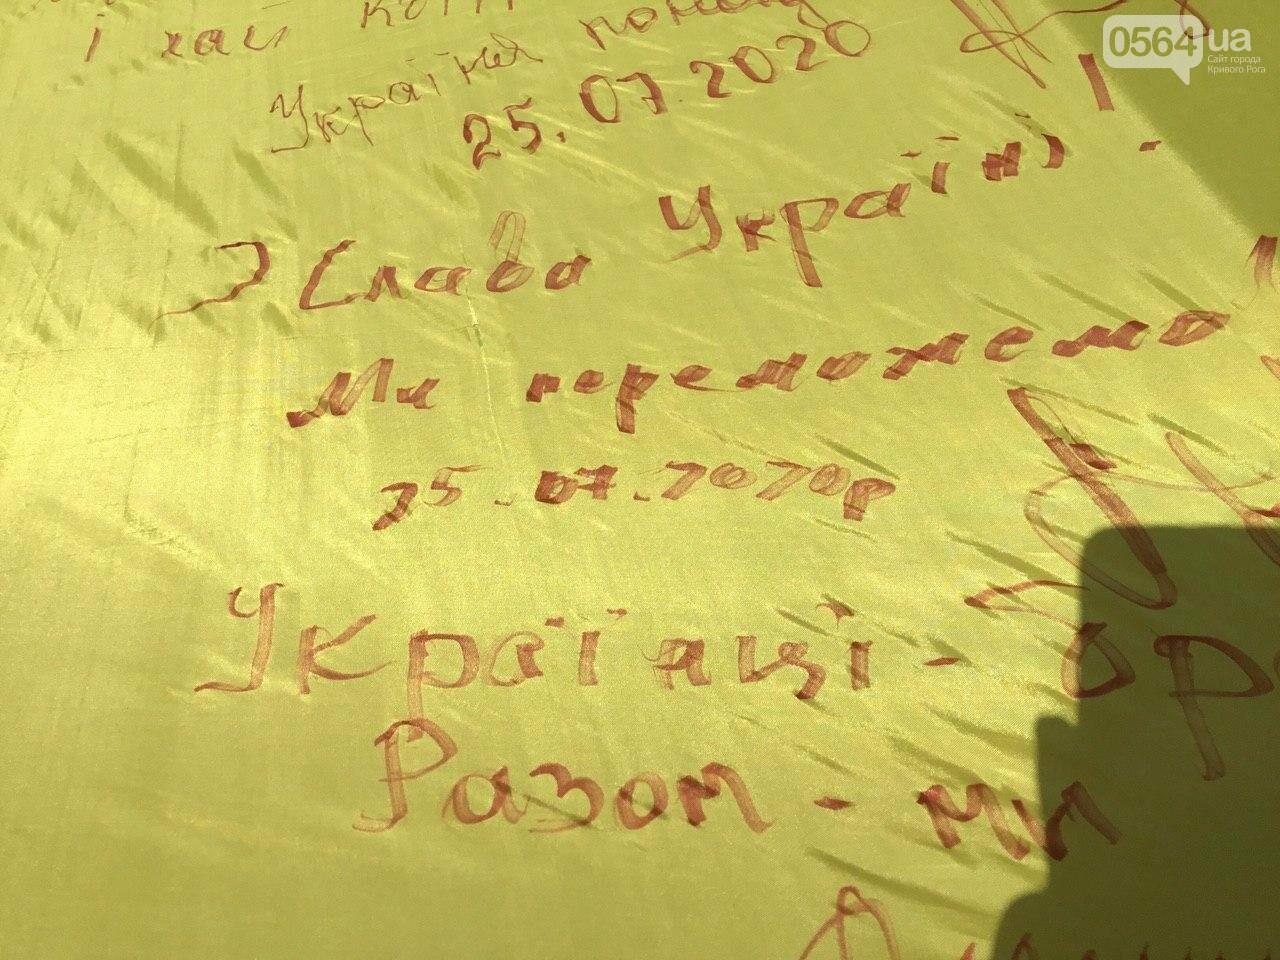 """""""Українці - брати, Разом ми - сила!"""", - какие пожелания и призывы написали криворожане на Знамени Единства, - ФОТО, ВИДЕО, фото-24"""